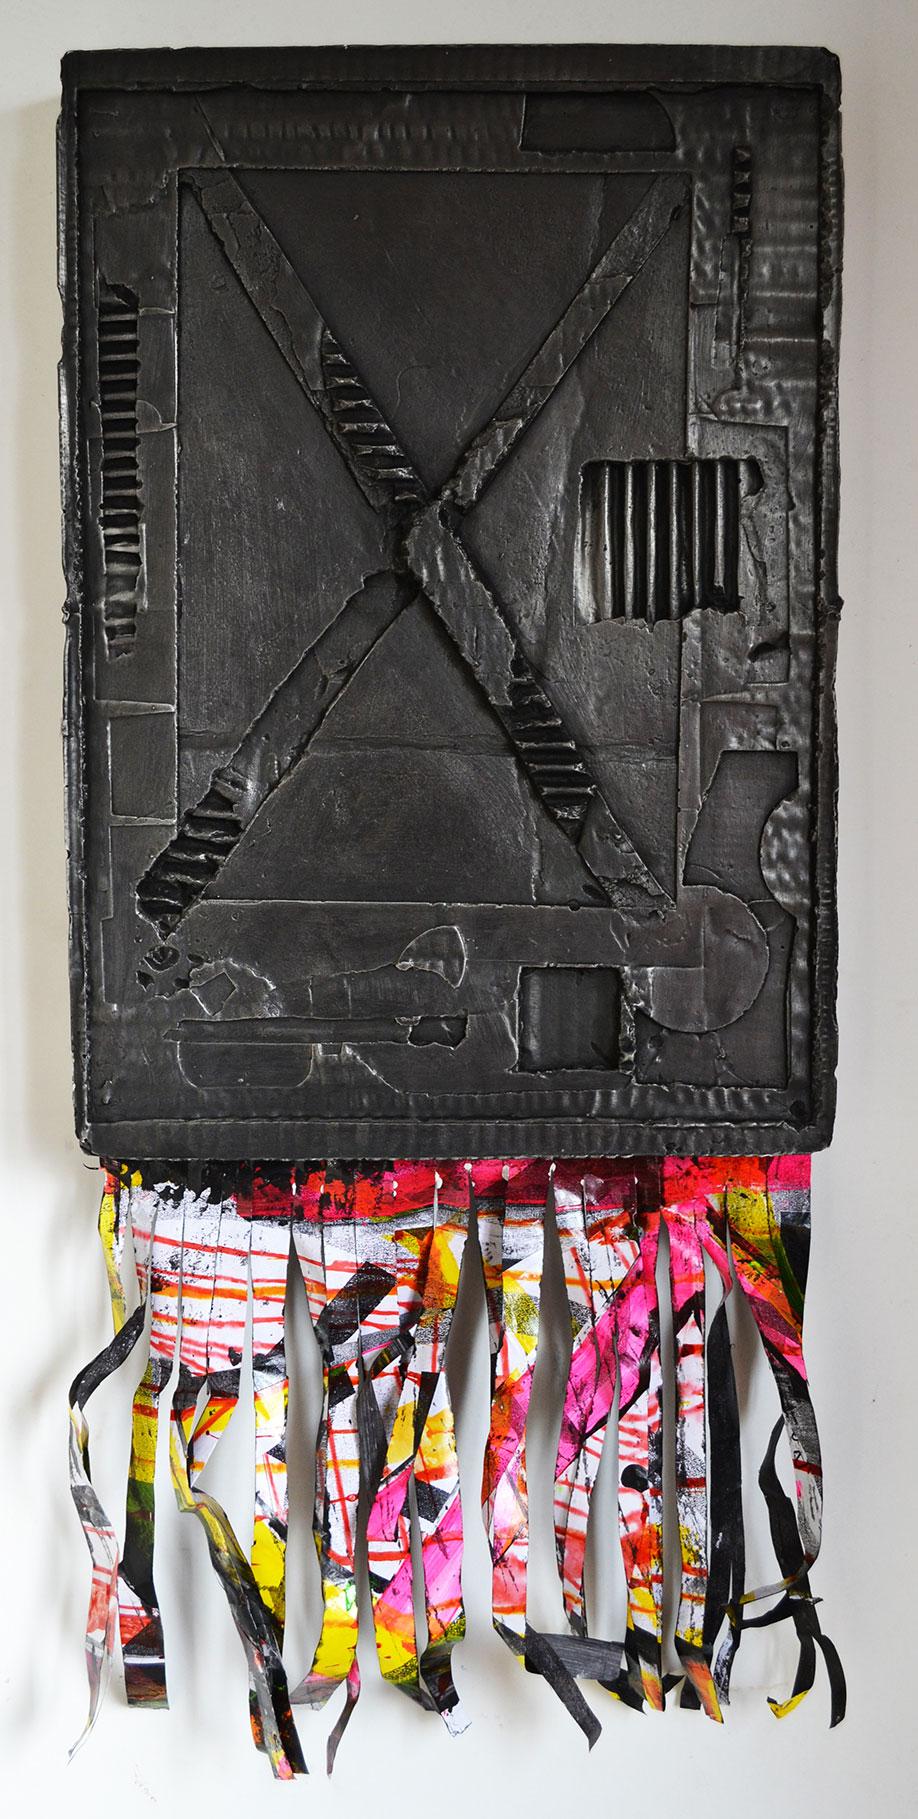 <b>Title:</b>The Minutemen<br /><b>Year:</b>2013<br /><b>Medium:</b>Plaster of Paris, grate polish, spray paint, paper<br /><b>Size:</b>73 x 32 cm